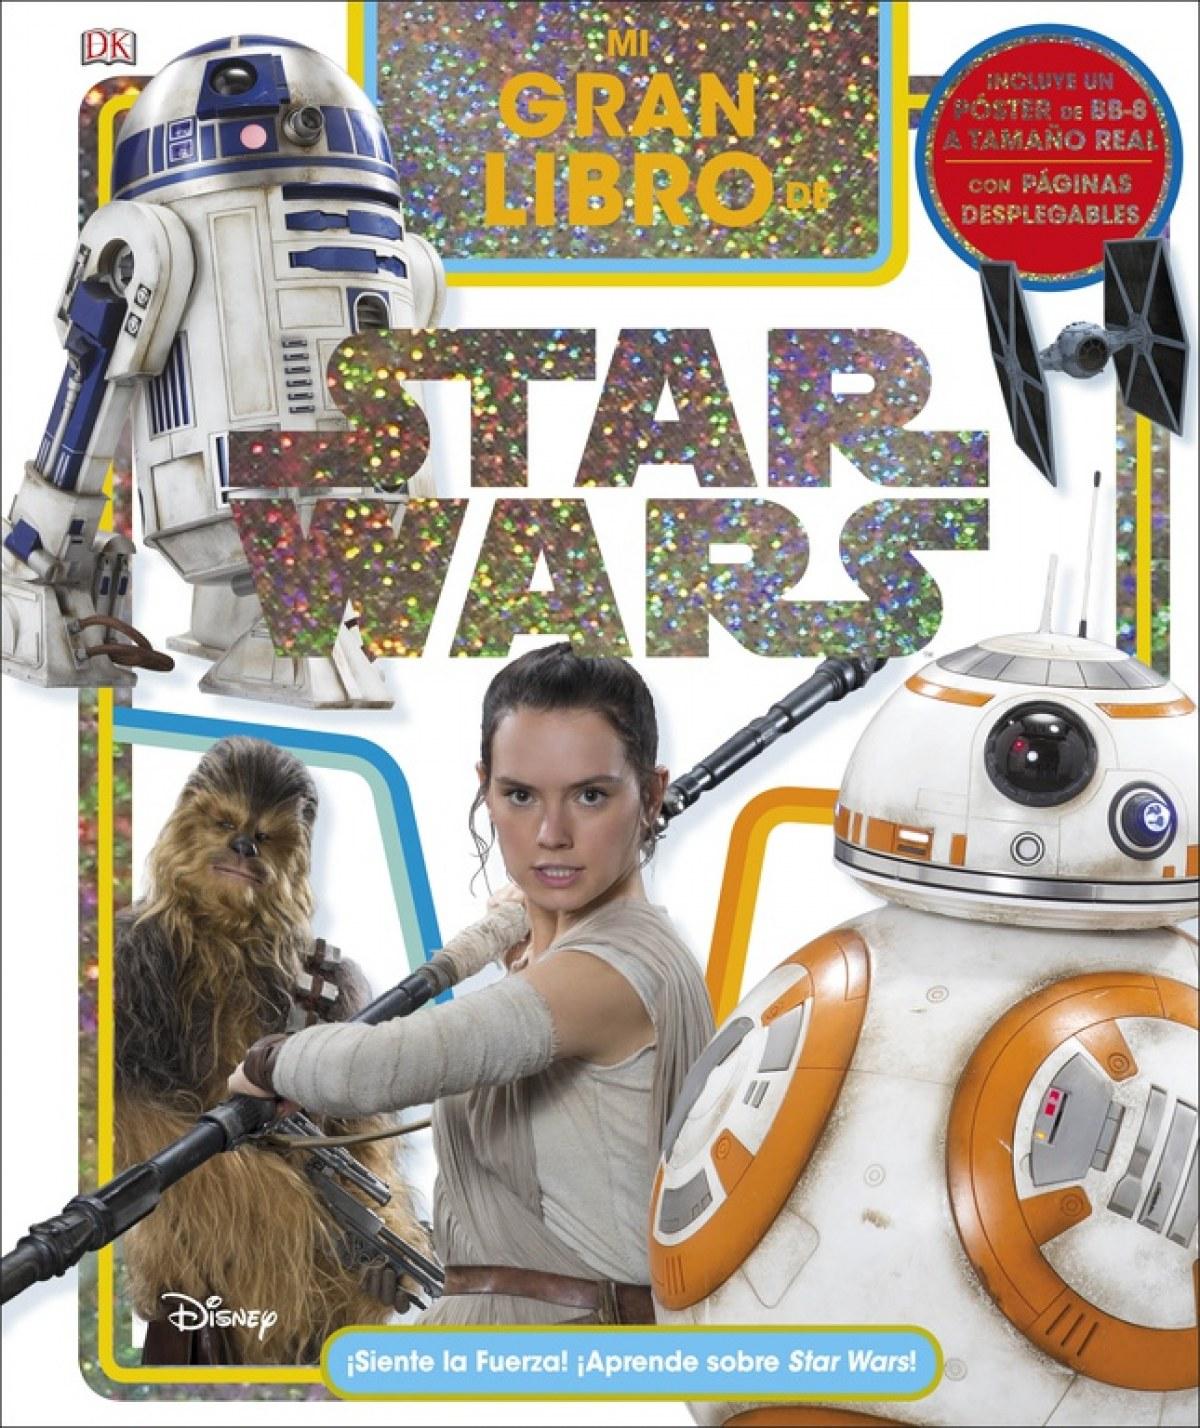 MI GRAN LIBRO DE STAR WARS 9780241303382